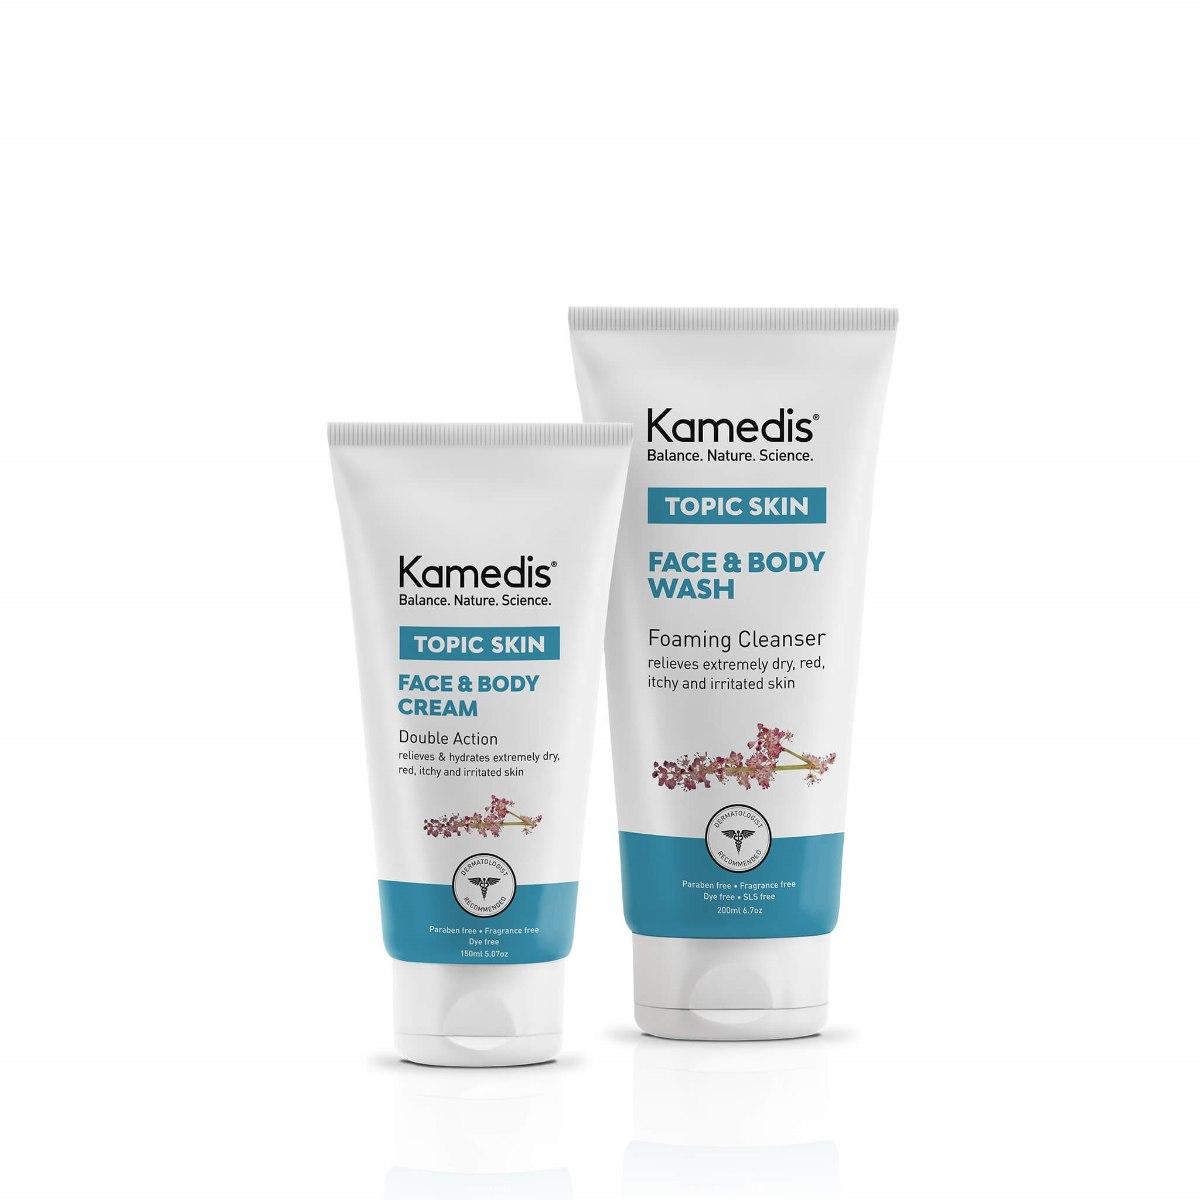 ערכה טיפולית לעור אטופי ויבש - TOPIC SKIN KIT